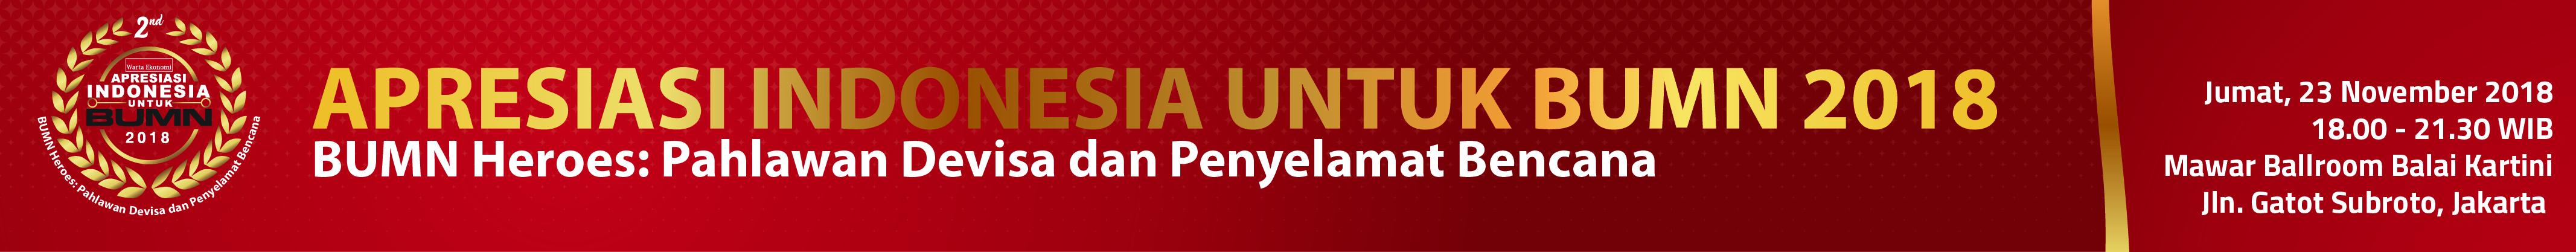 Apresiasi Indonesia untuk BUMN 2018